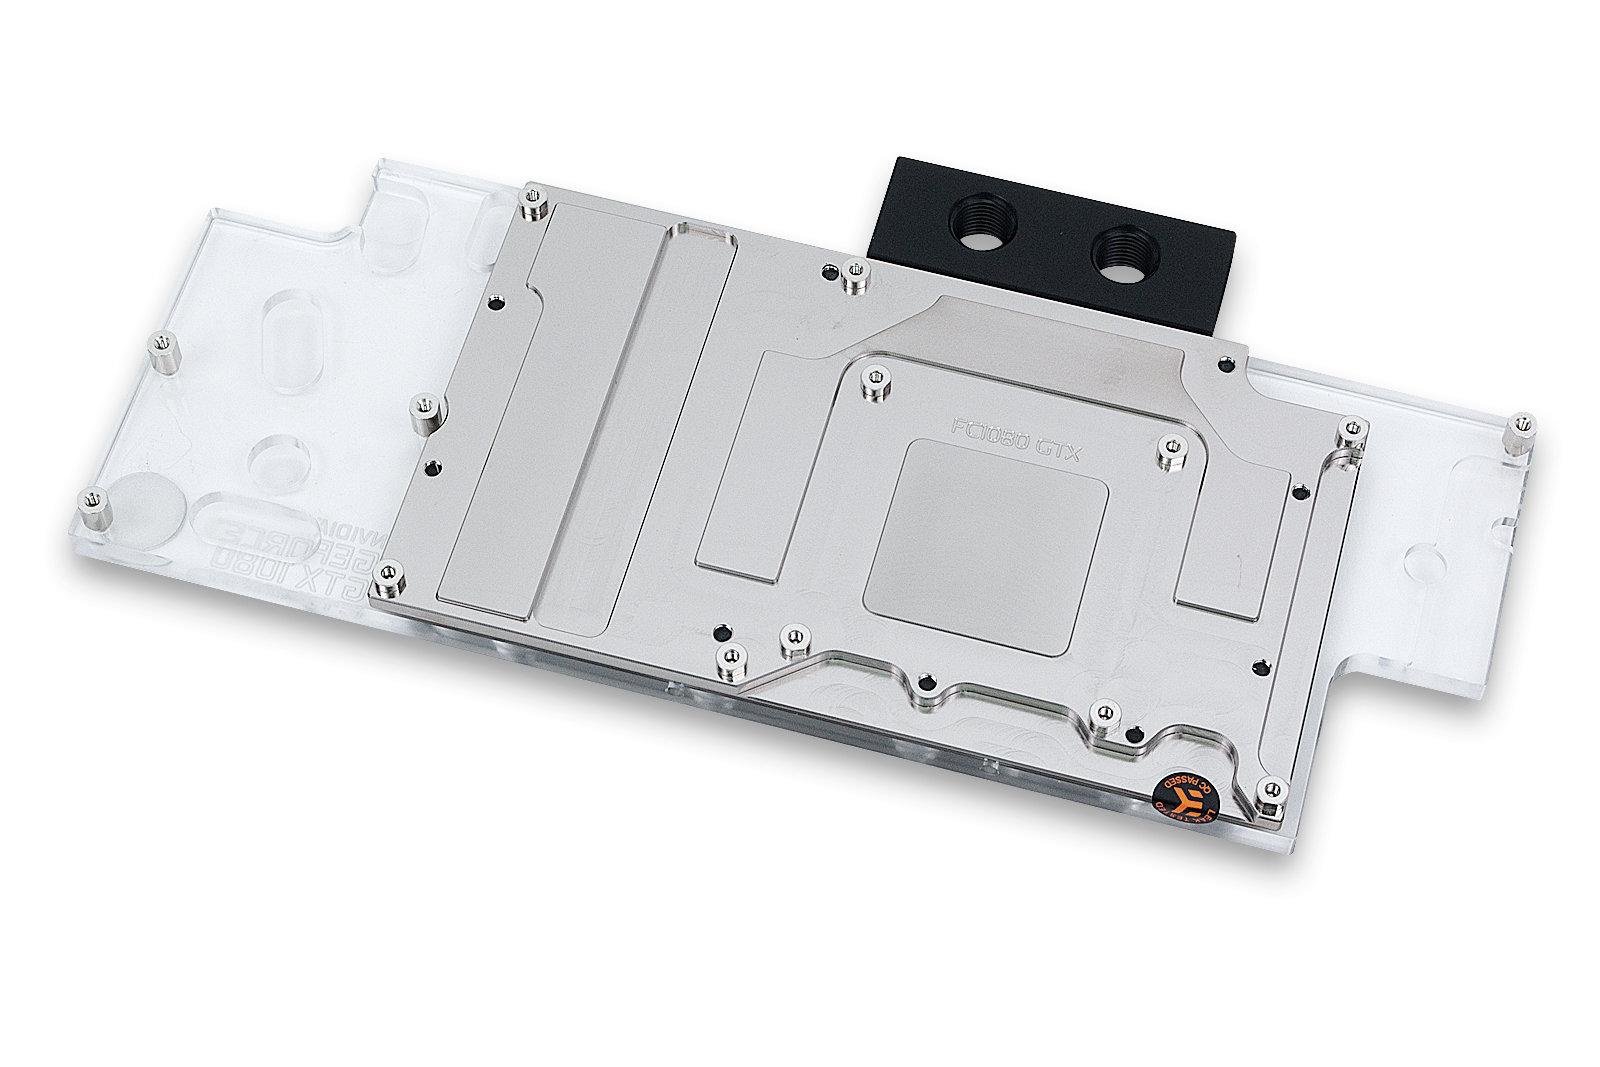 EK-FC1080 GTX – Nickel